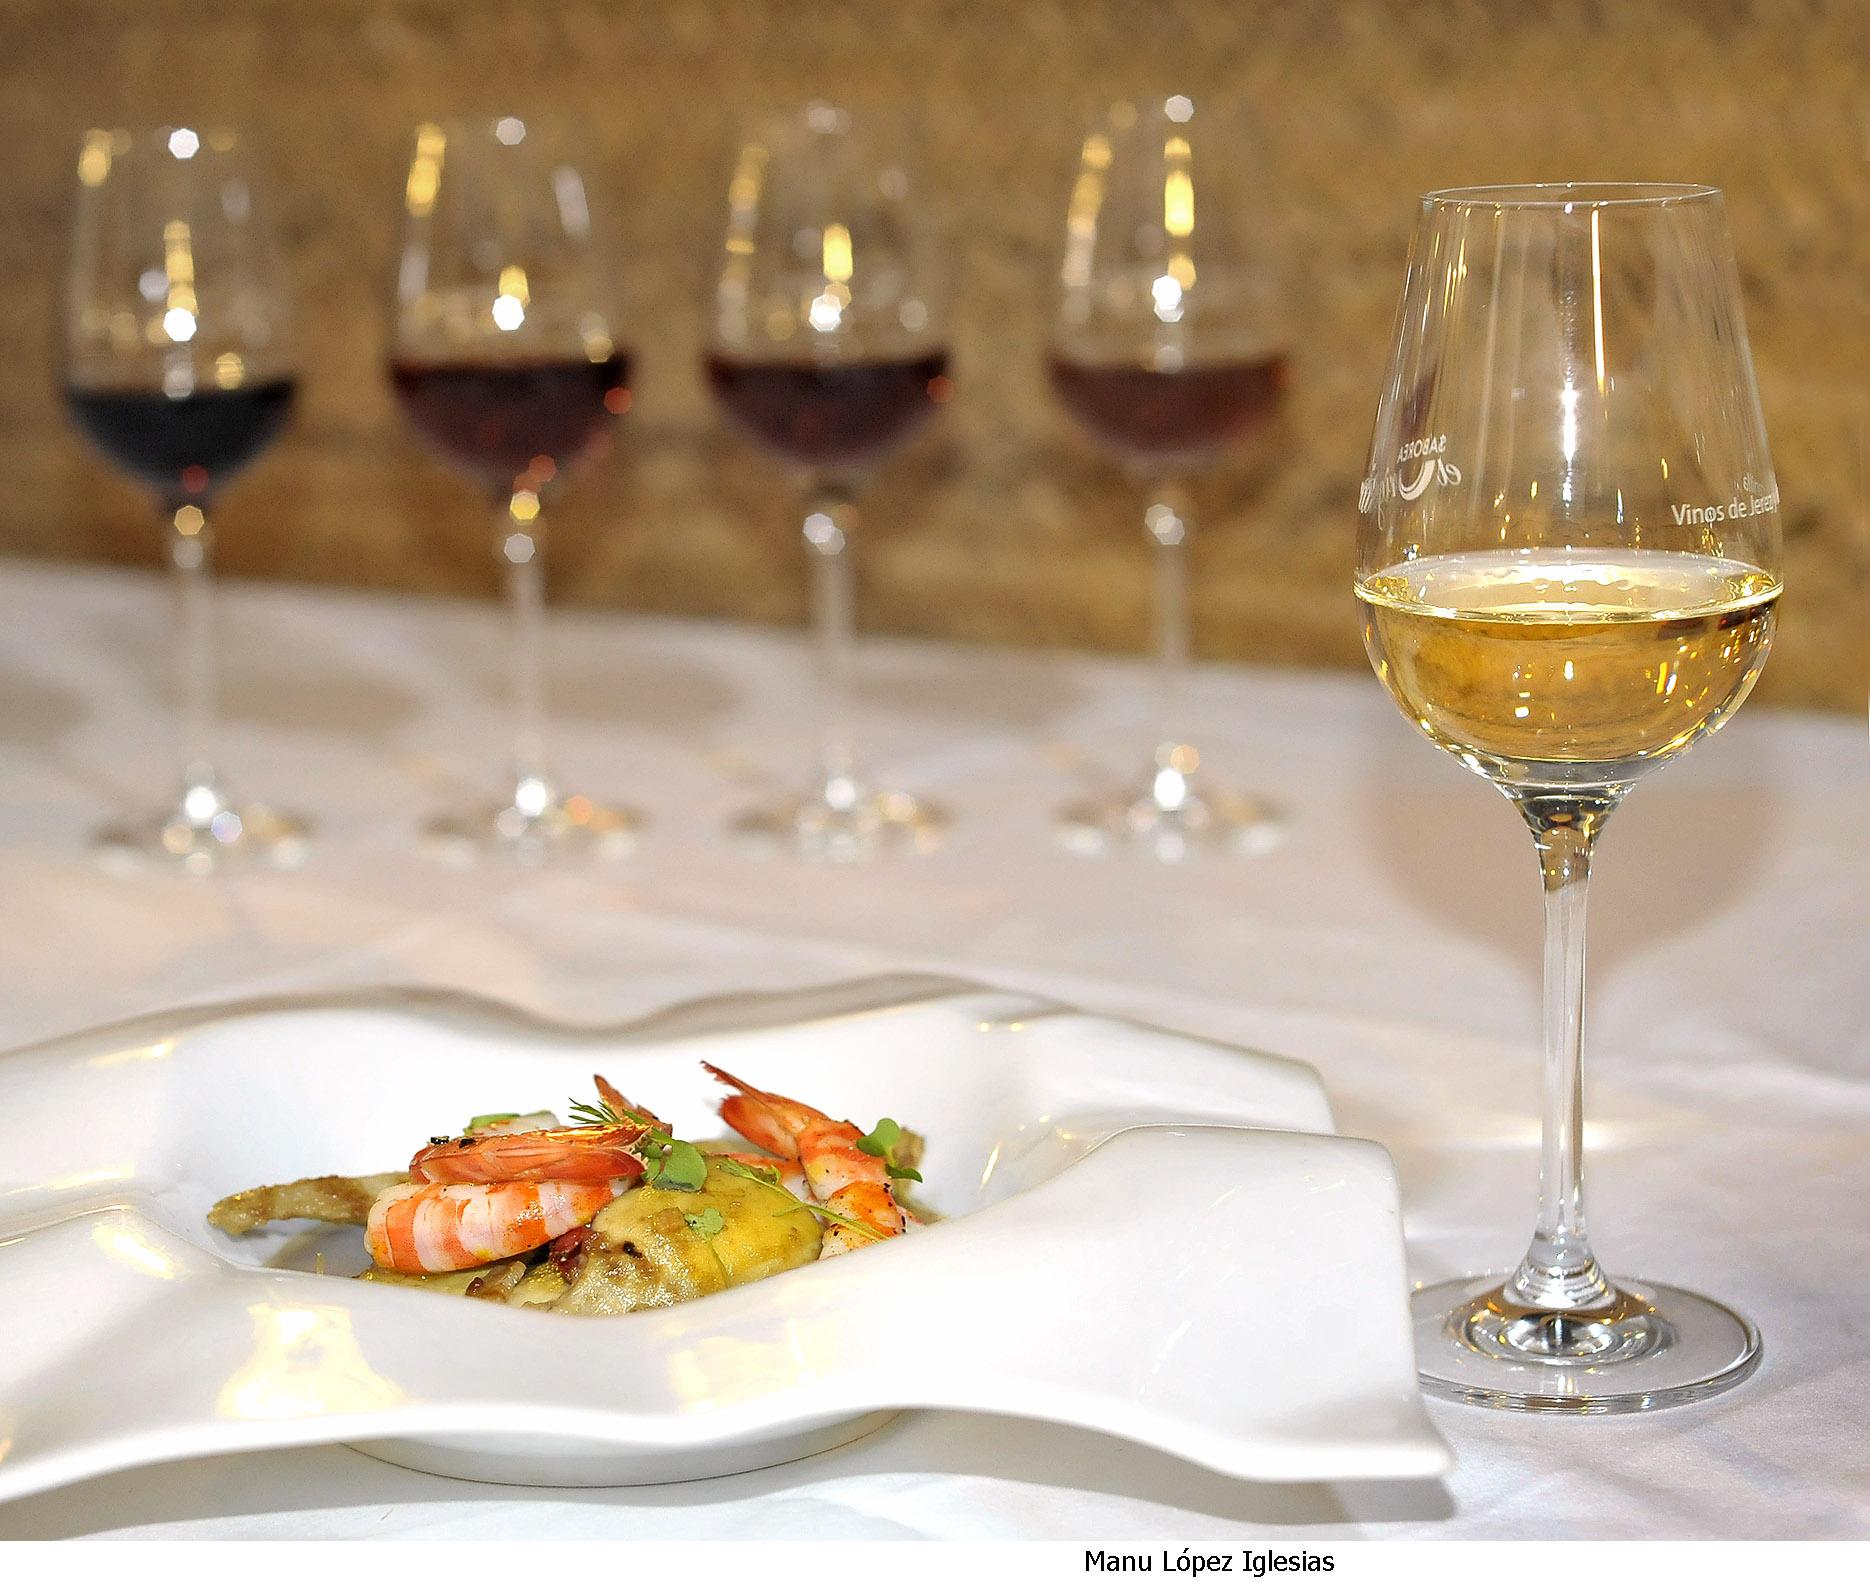 Maridaje vinos de Jerez